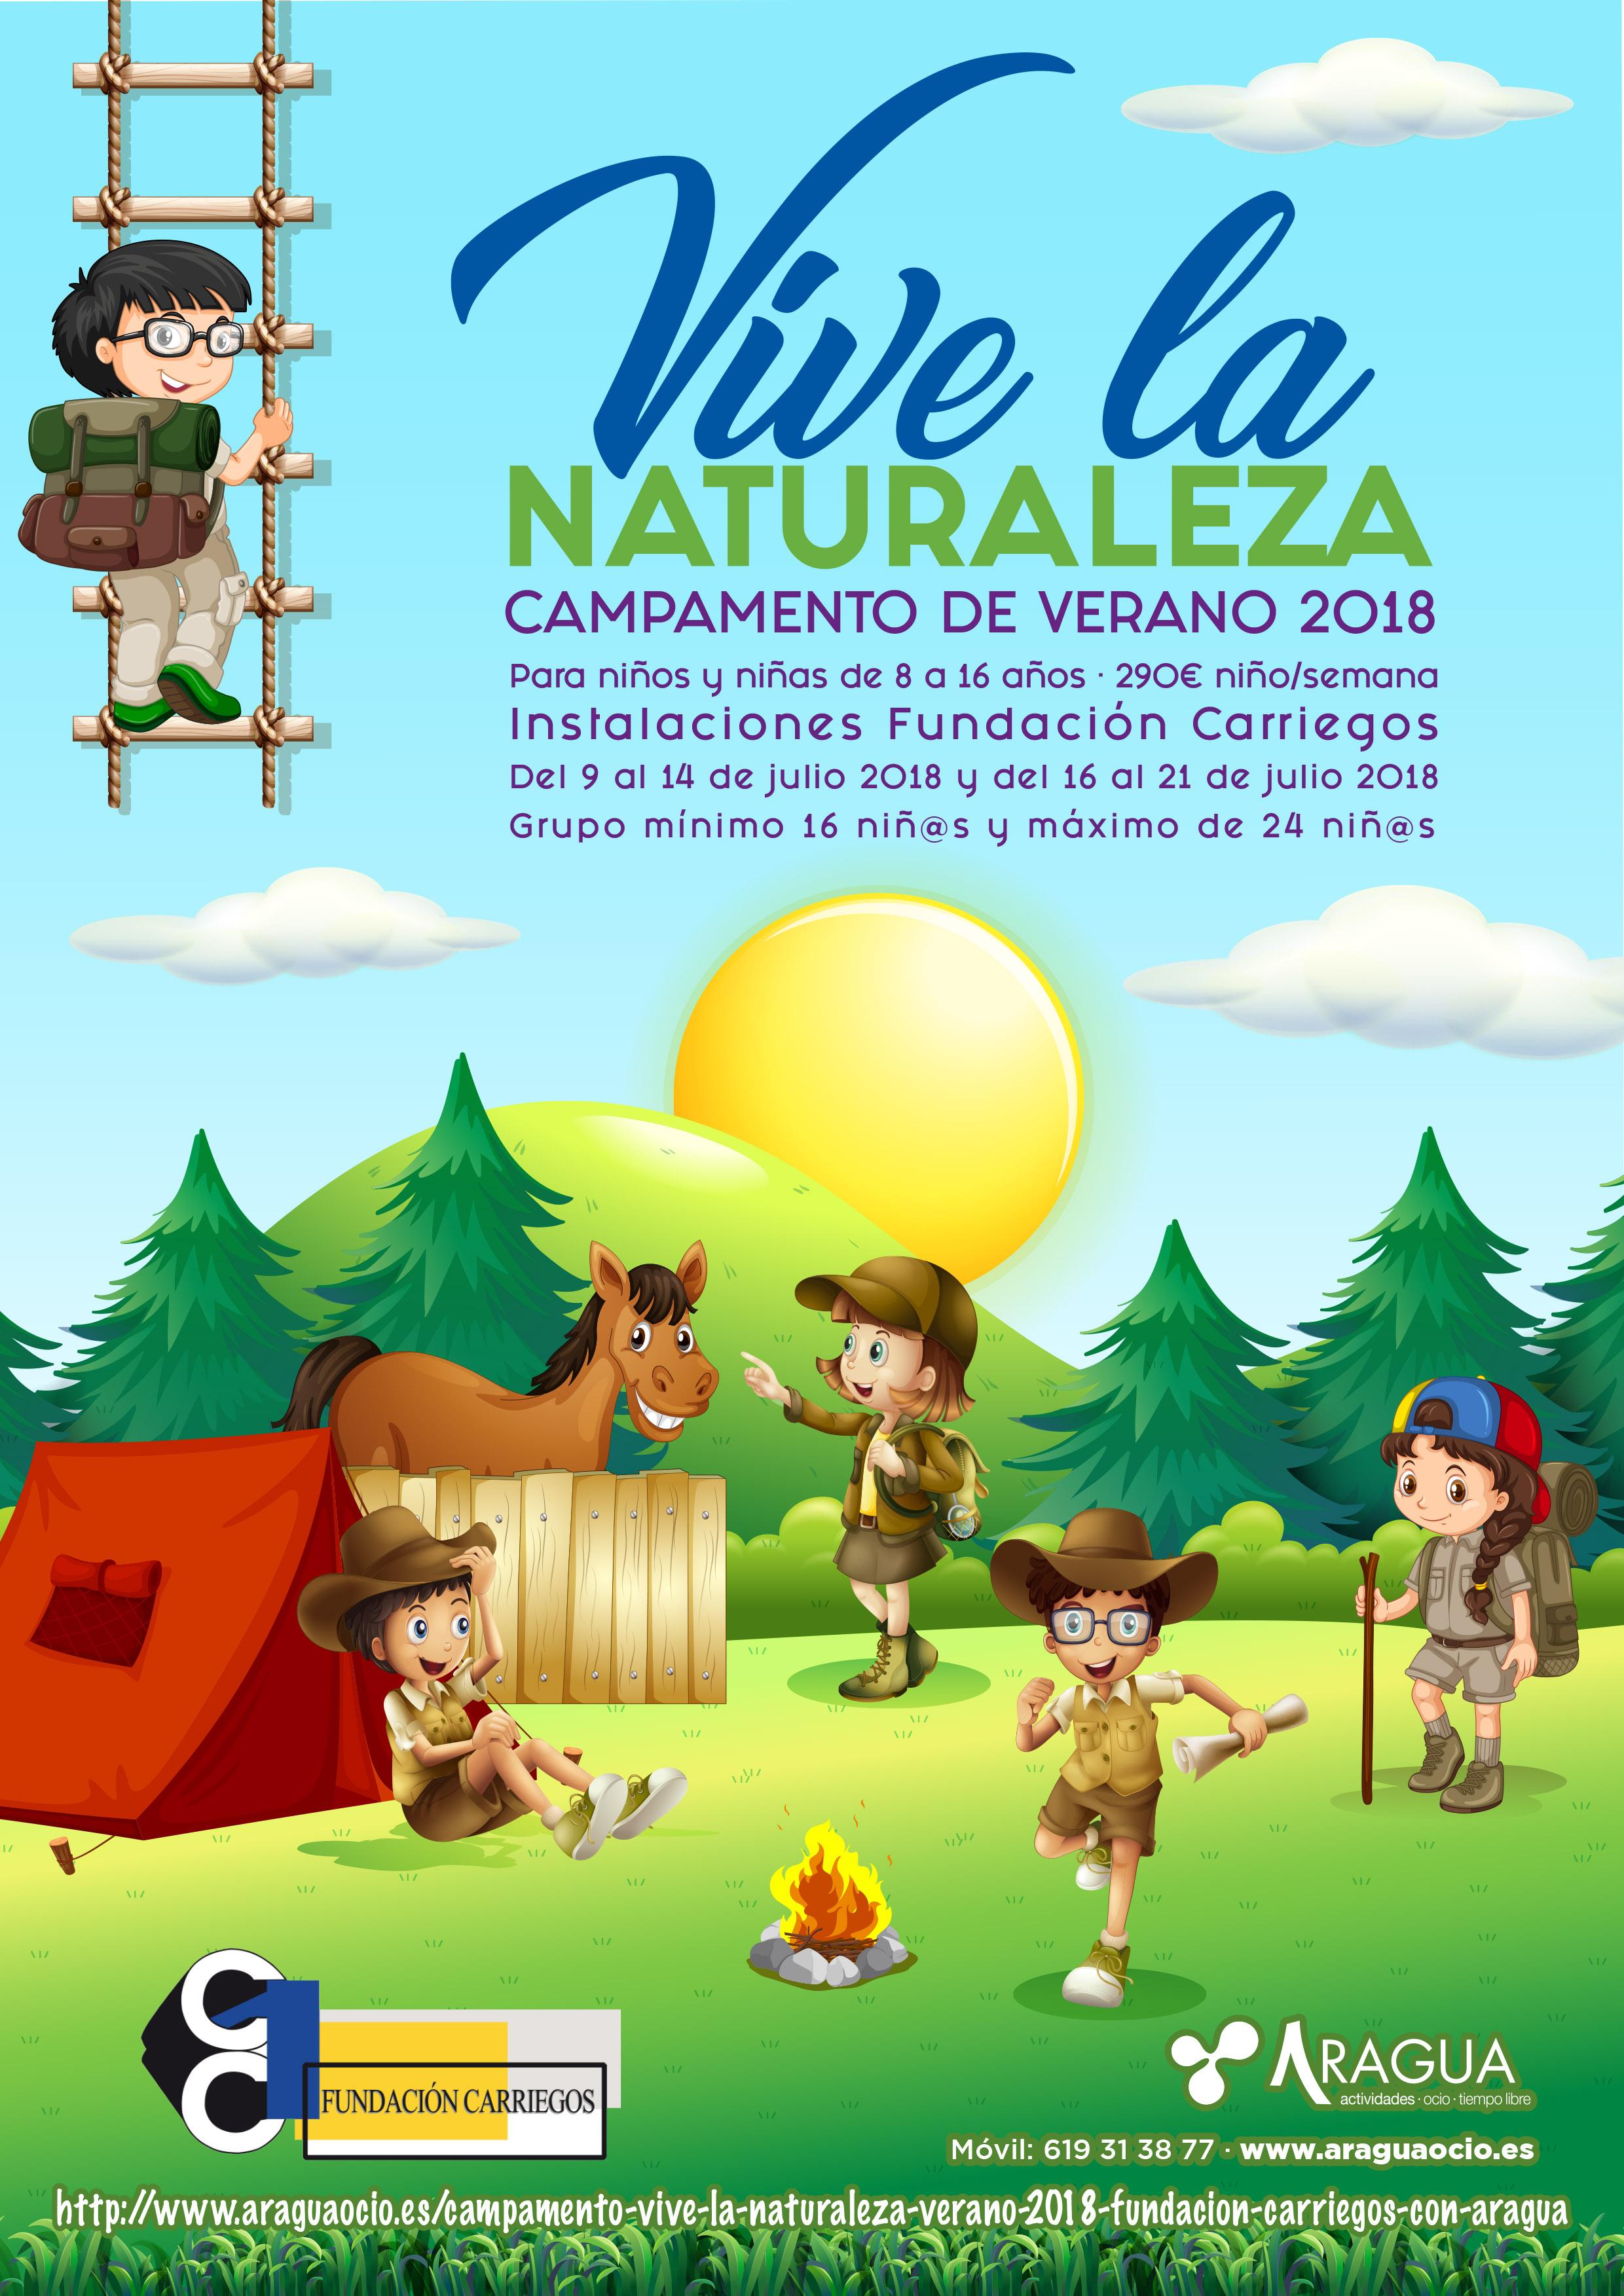 Campamento Verano 2018 Carriegos